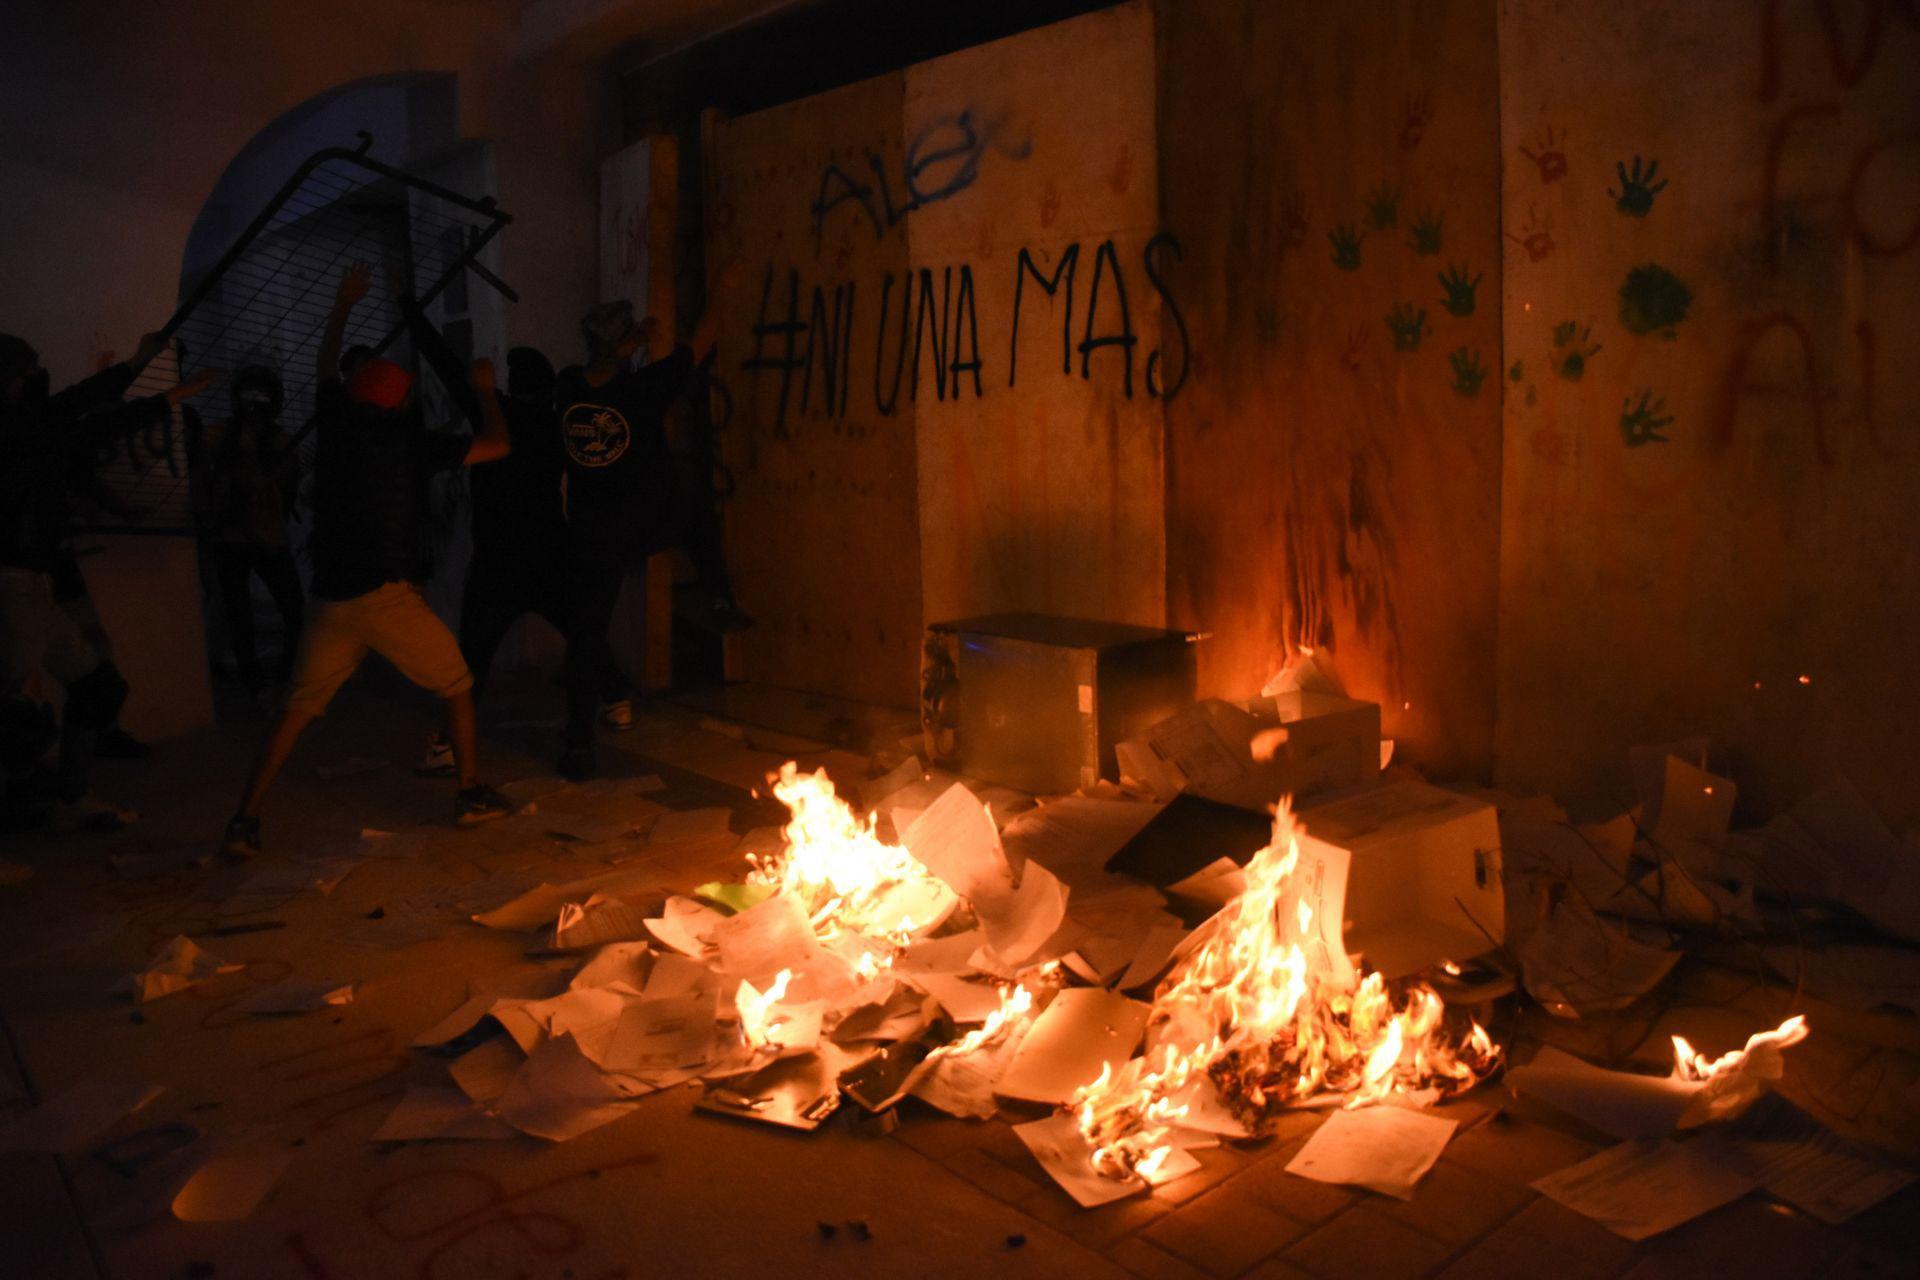 Cancún, Quintana Roo, 9 de noviembre de 2020. Familiares, amigos y mujeres realizaron una protesta en el Palacio Municipal de Cancún para protestar por el feminicidio de Vianca Alejandría, cuando los manifestantes empezaron hacer pintas y prender fuego a algunos policías municipales salieron a disparar.